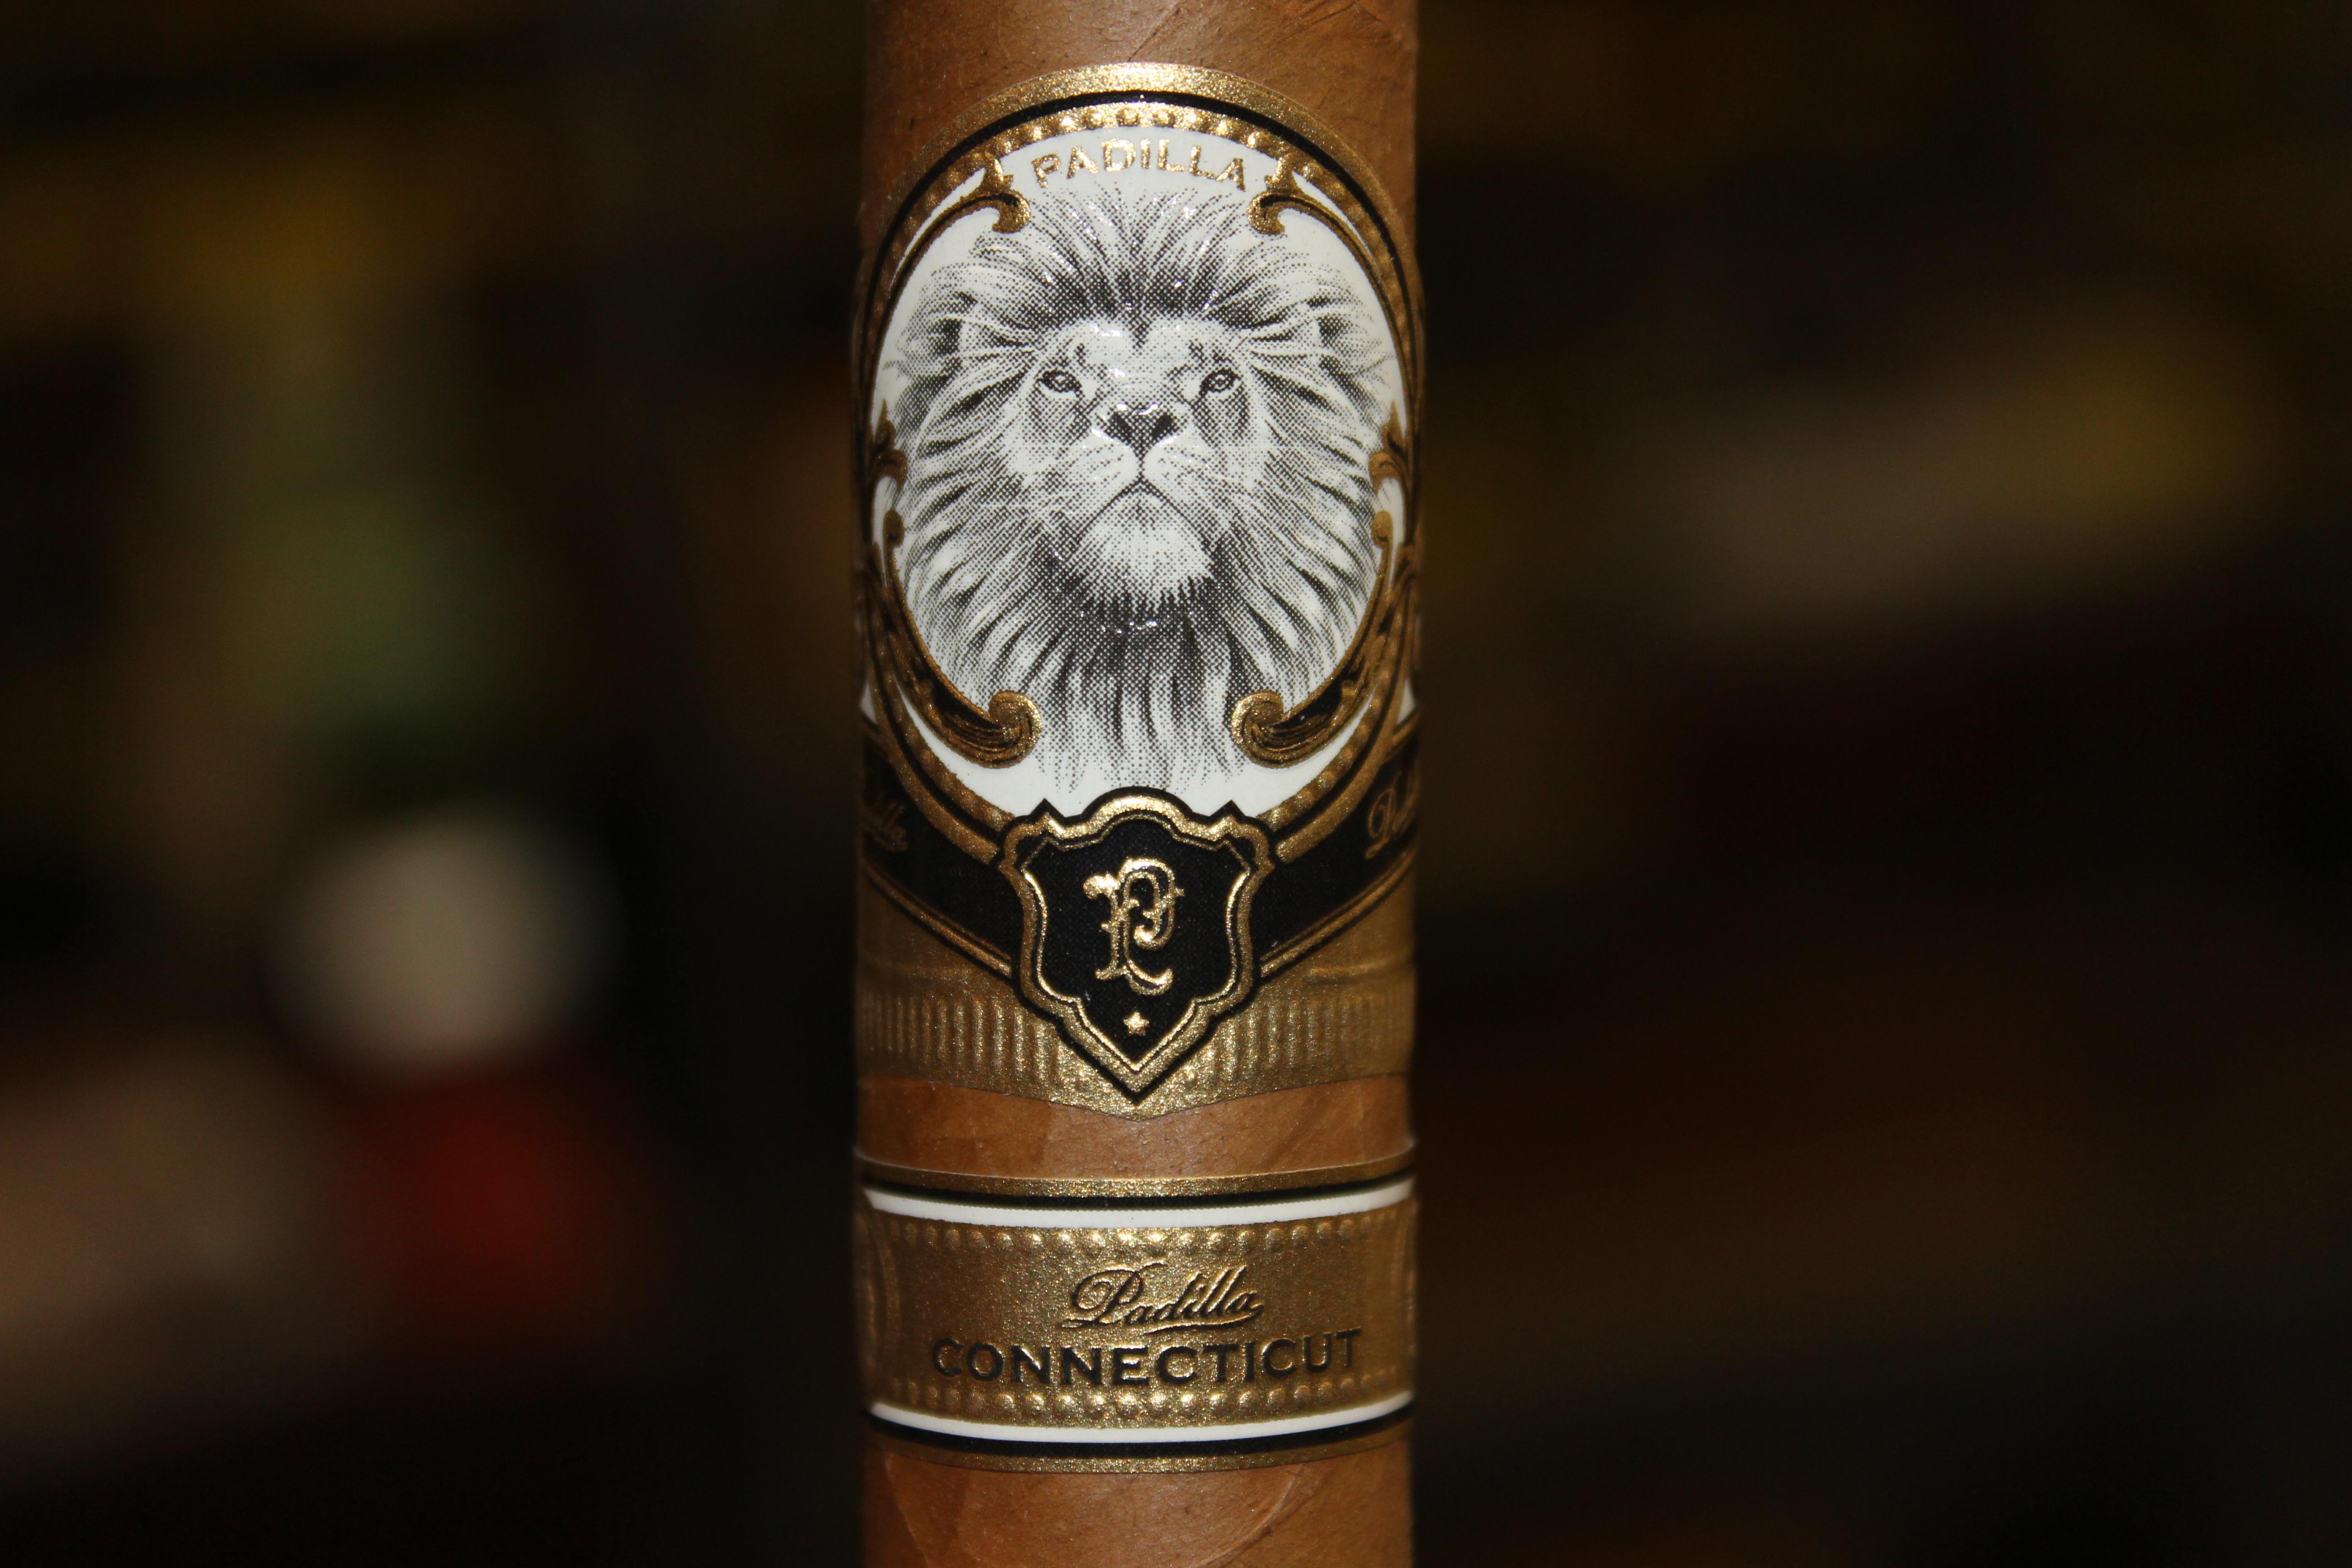 Padilla Connecticut Robusto – Cigar Review